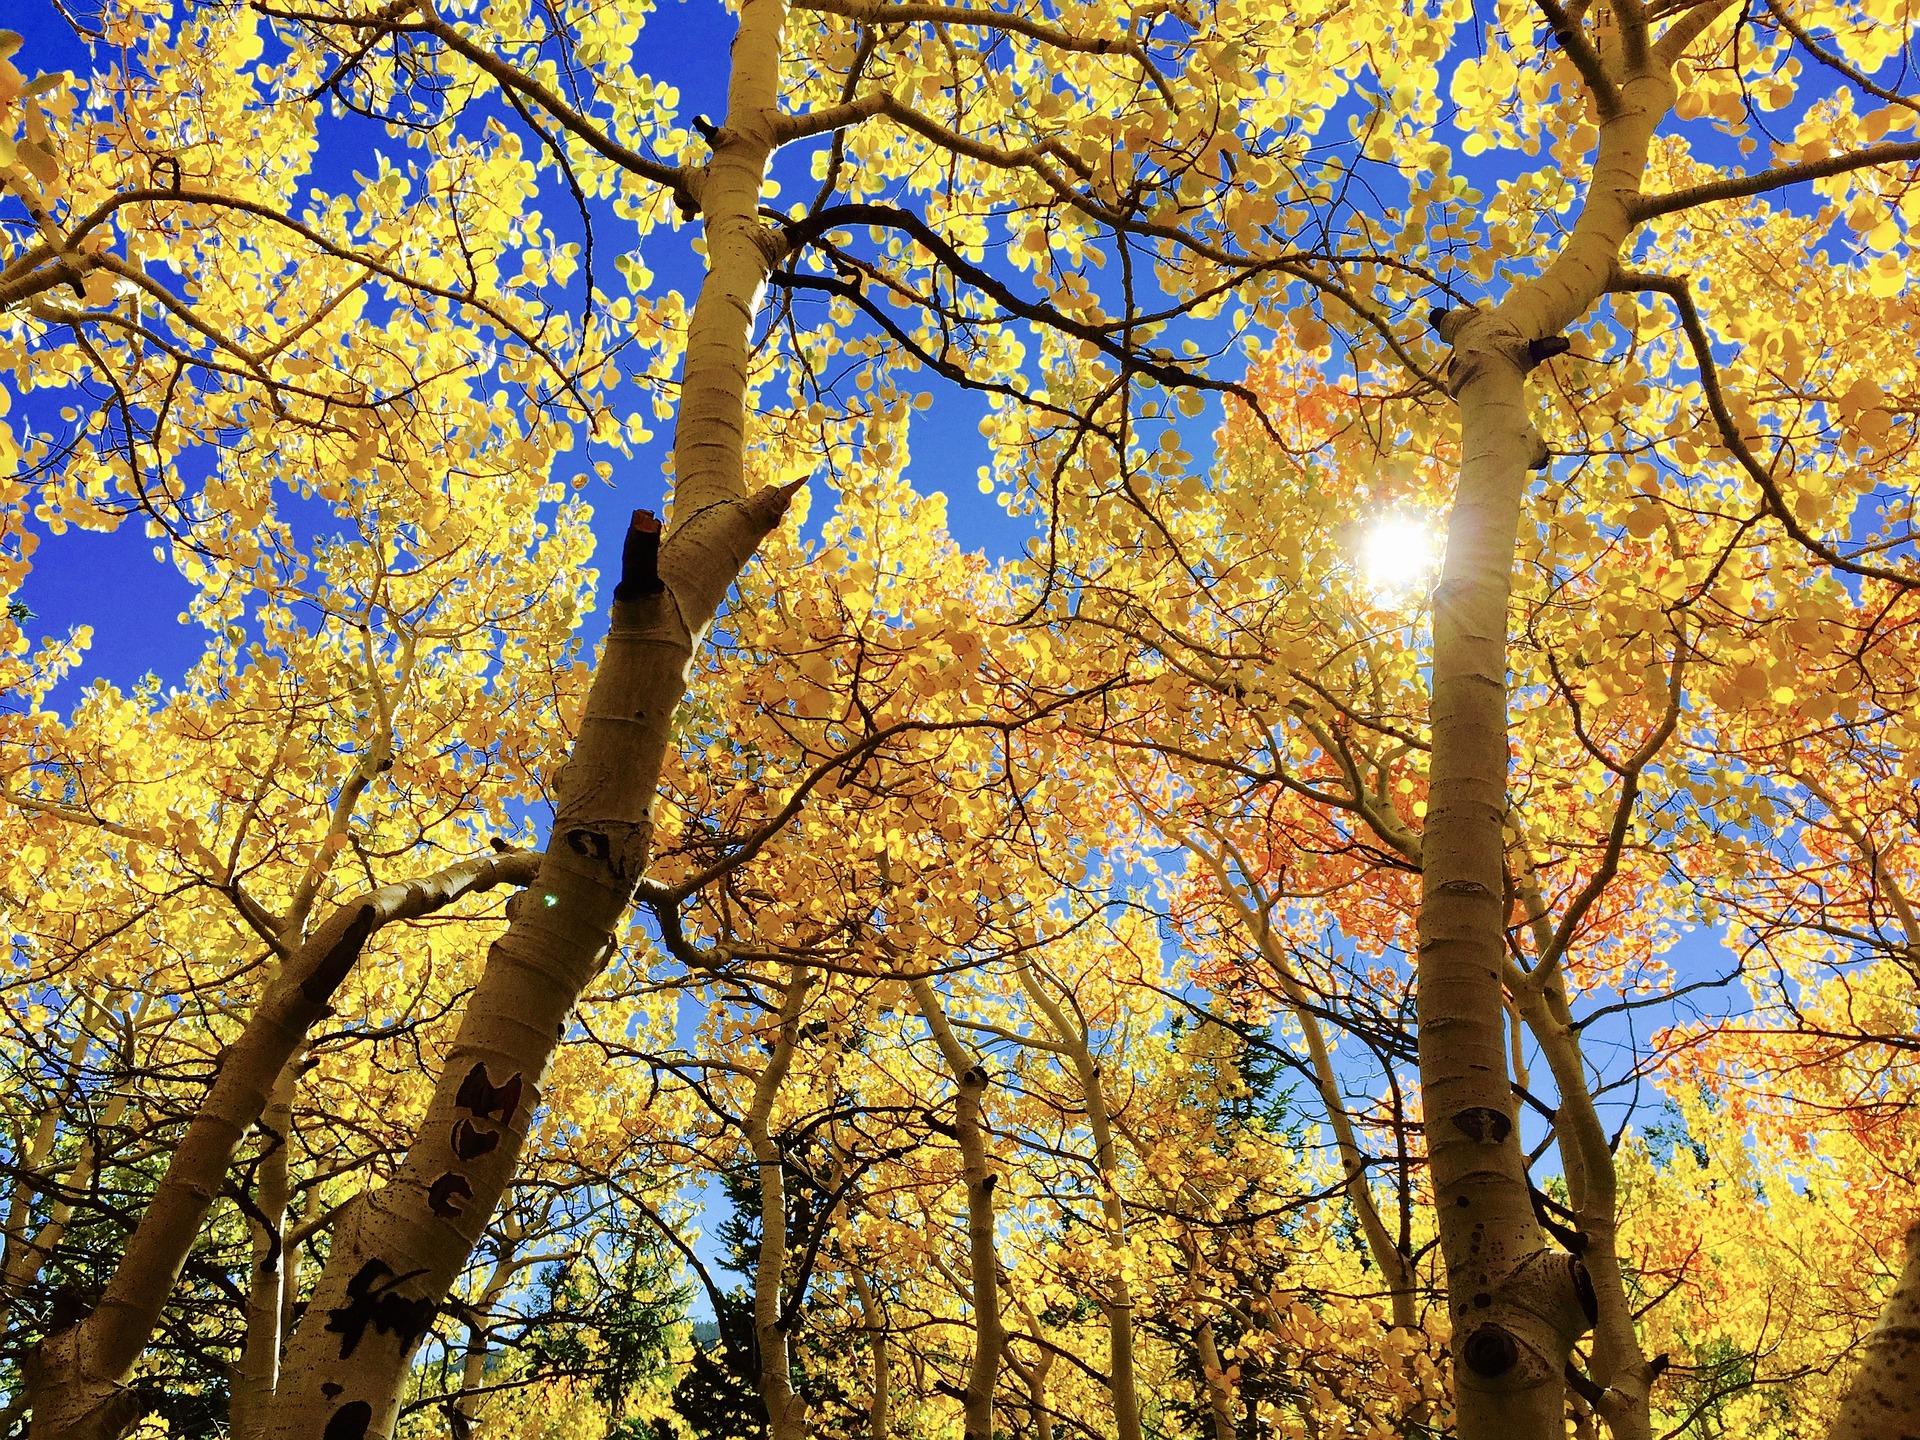 leaves-1363766_1920